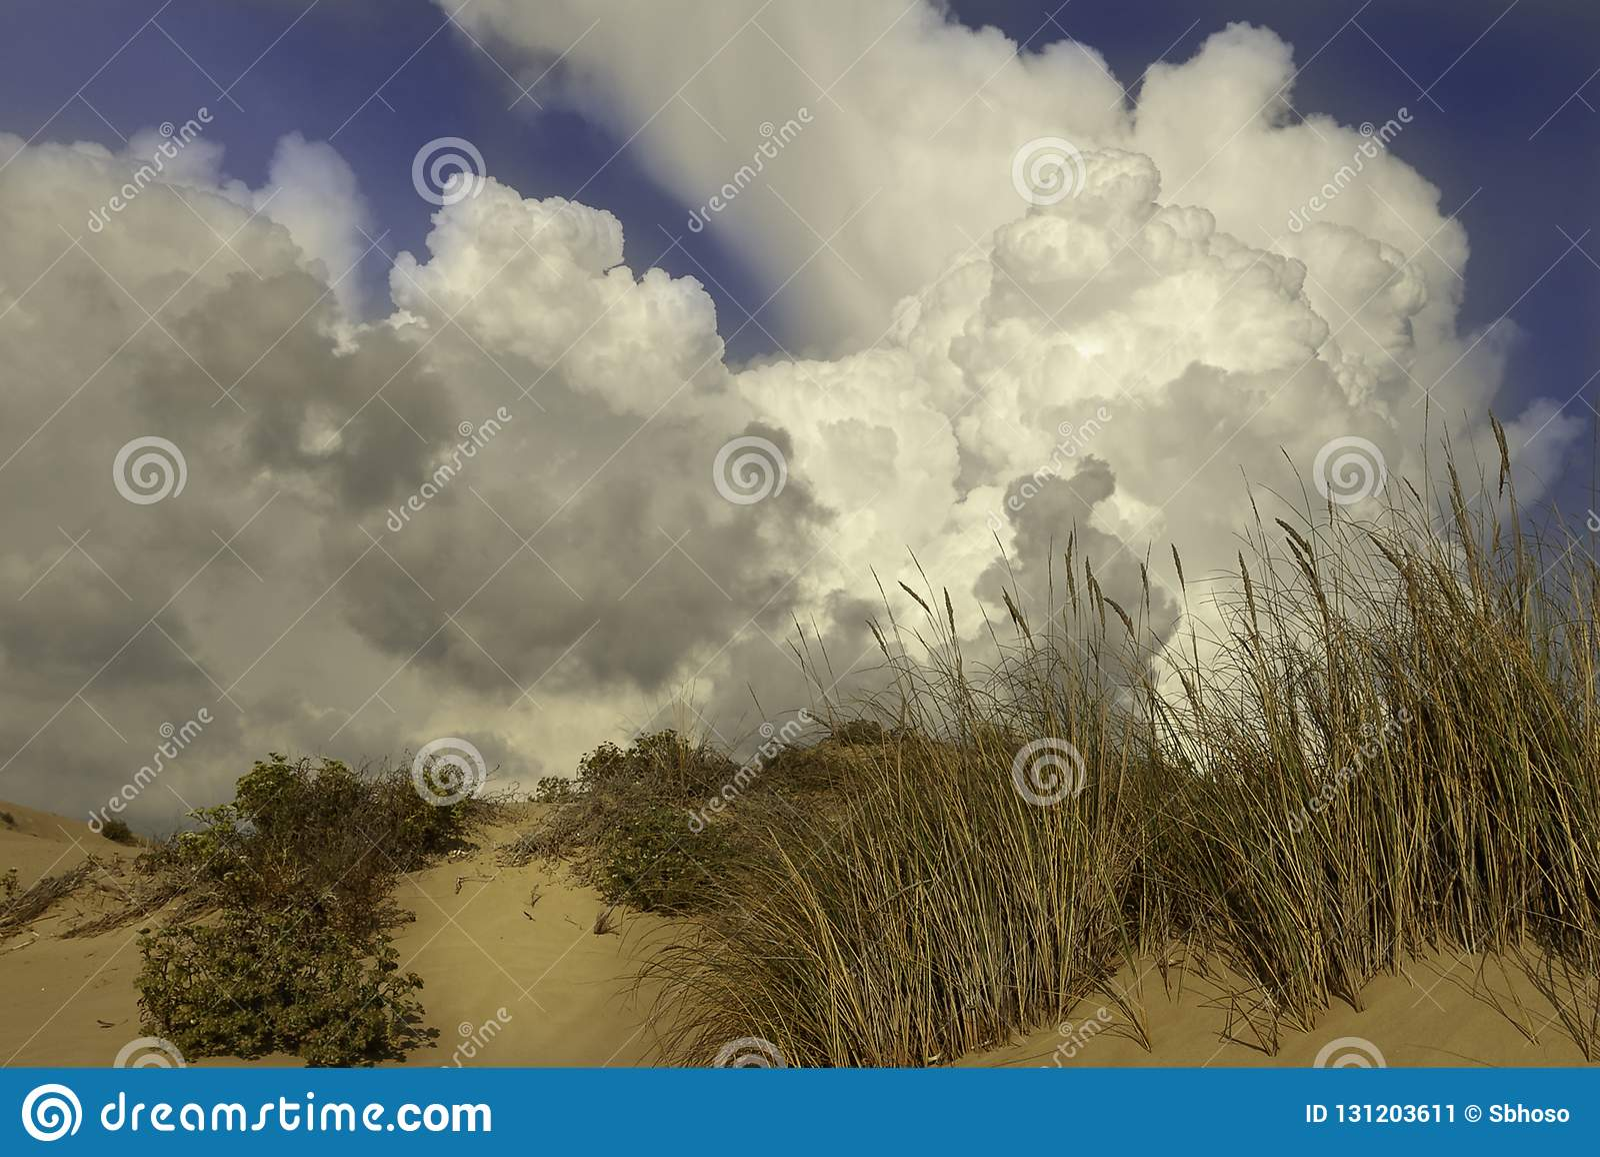 Απειλητικά σύννεφα πέρα από τα καθαρά sandunes στην παραλία Sampieri στη Σικελία σε θερινό θυελλώδες ημερησίως